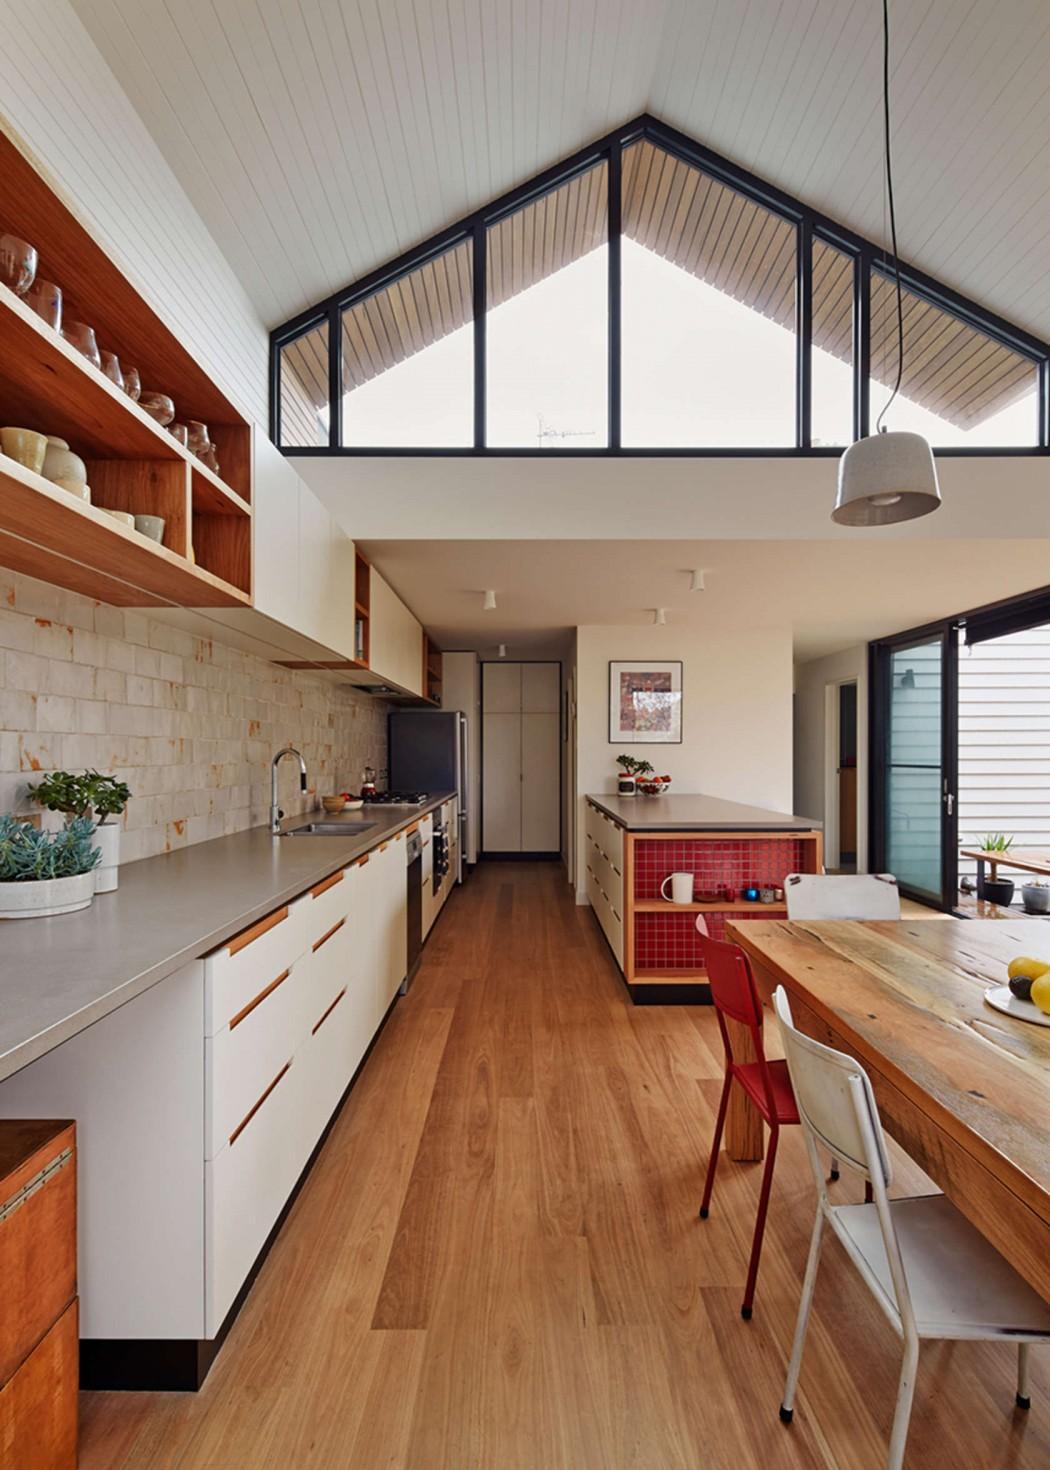 Thiết kế nhà phố lạ mắt ở New Zealand 4